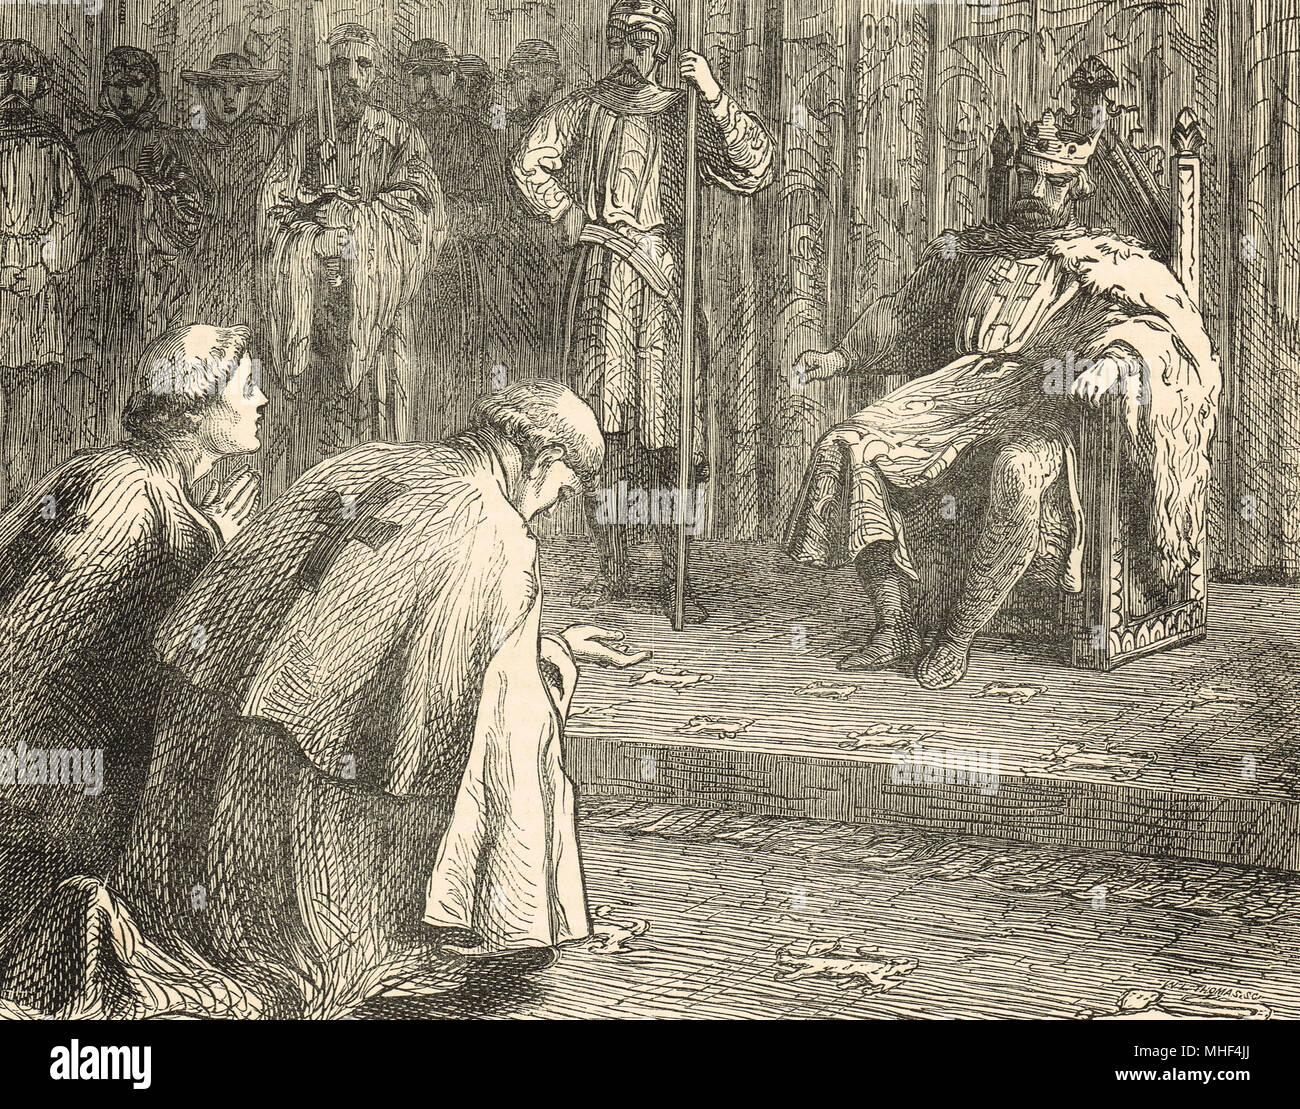 Priester bat König Richard I., in der Fürbitte für den Bischof von Beauvais, Philip von Dreux, von Anjou Streitkräften gefangen genommen. Rouen, Normandie, Frankreich, 1197 Stockbild